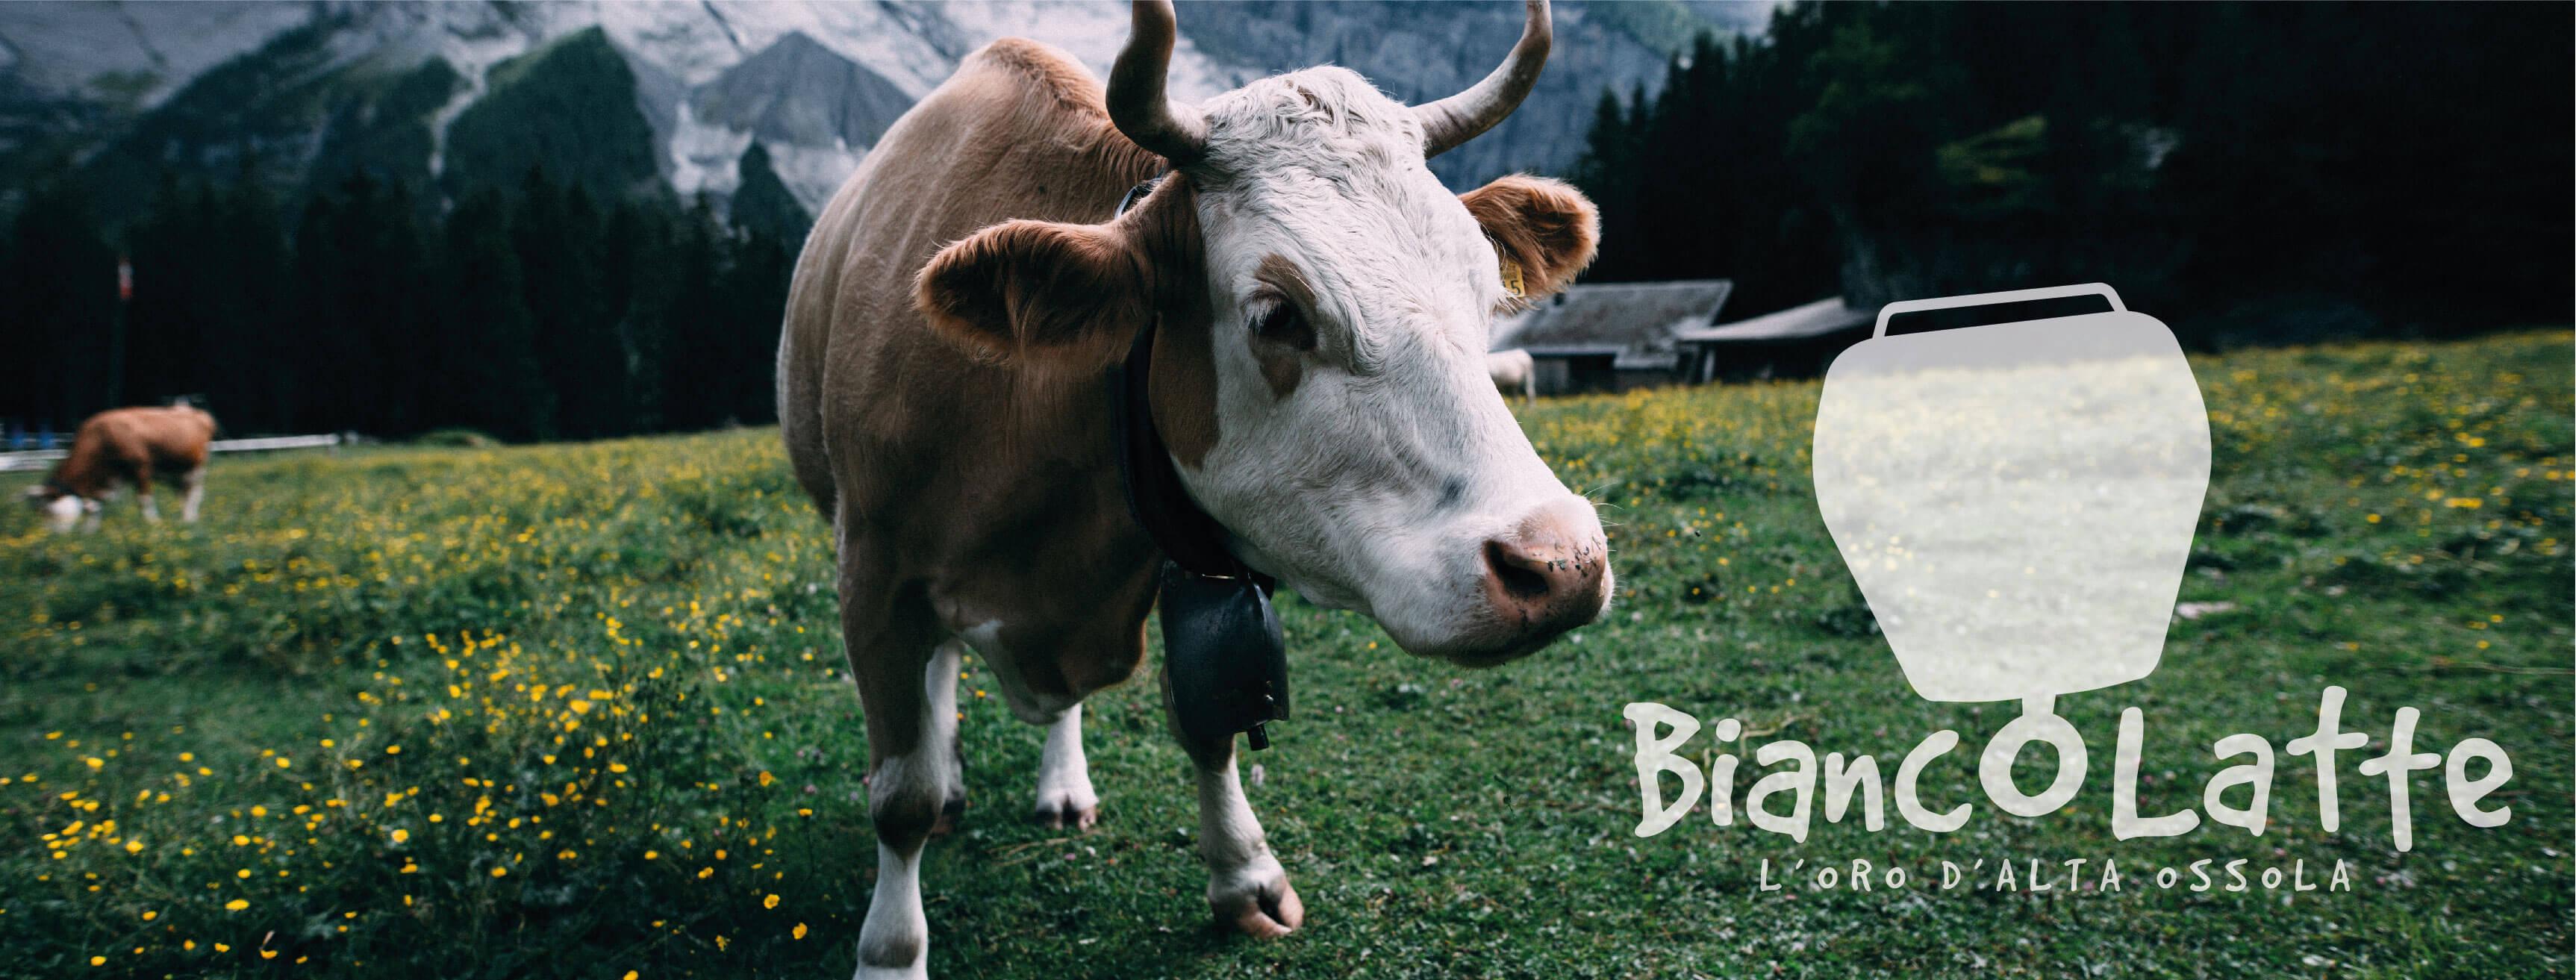 BiancoLatte: una merenda sinoira per celebrare l'Oro d'Alta Ossola 3